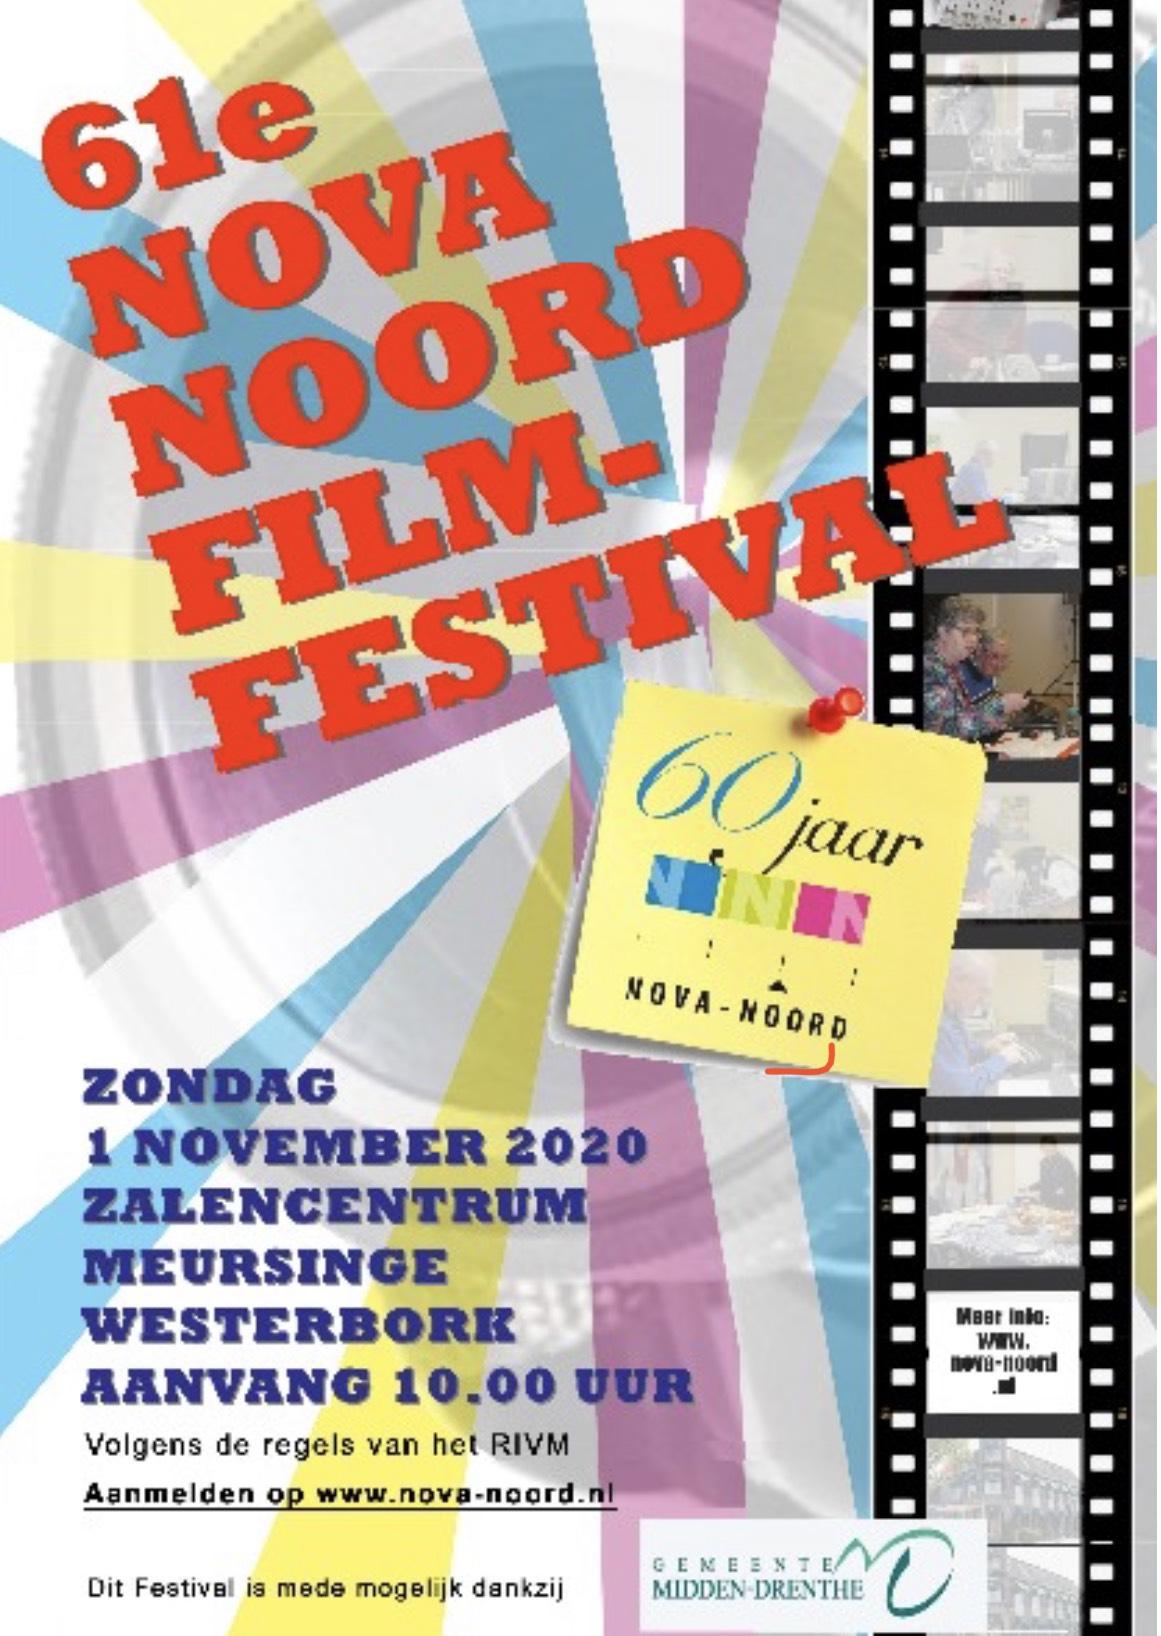 Poster NOVA-Noord